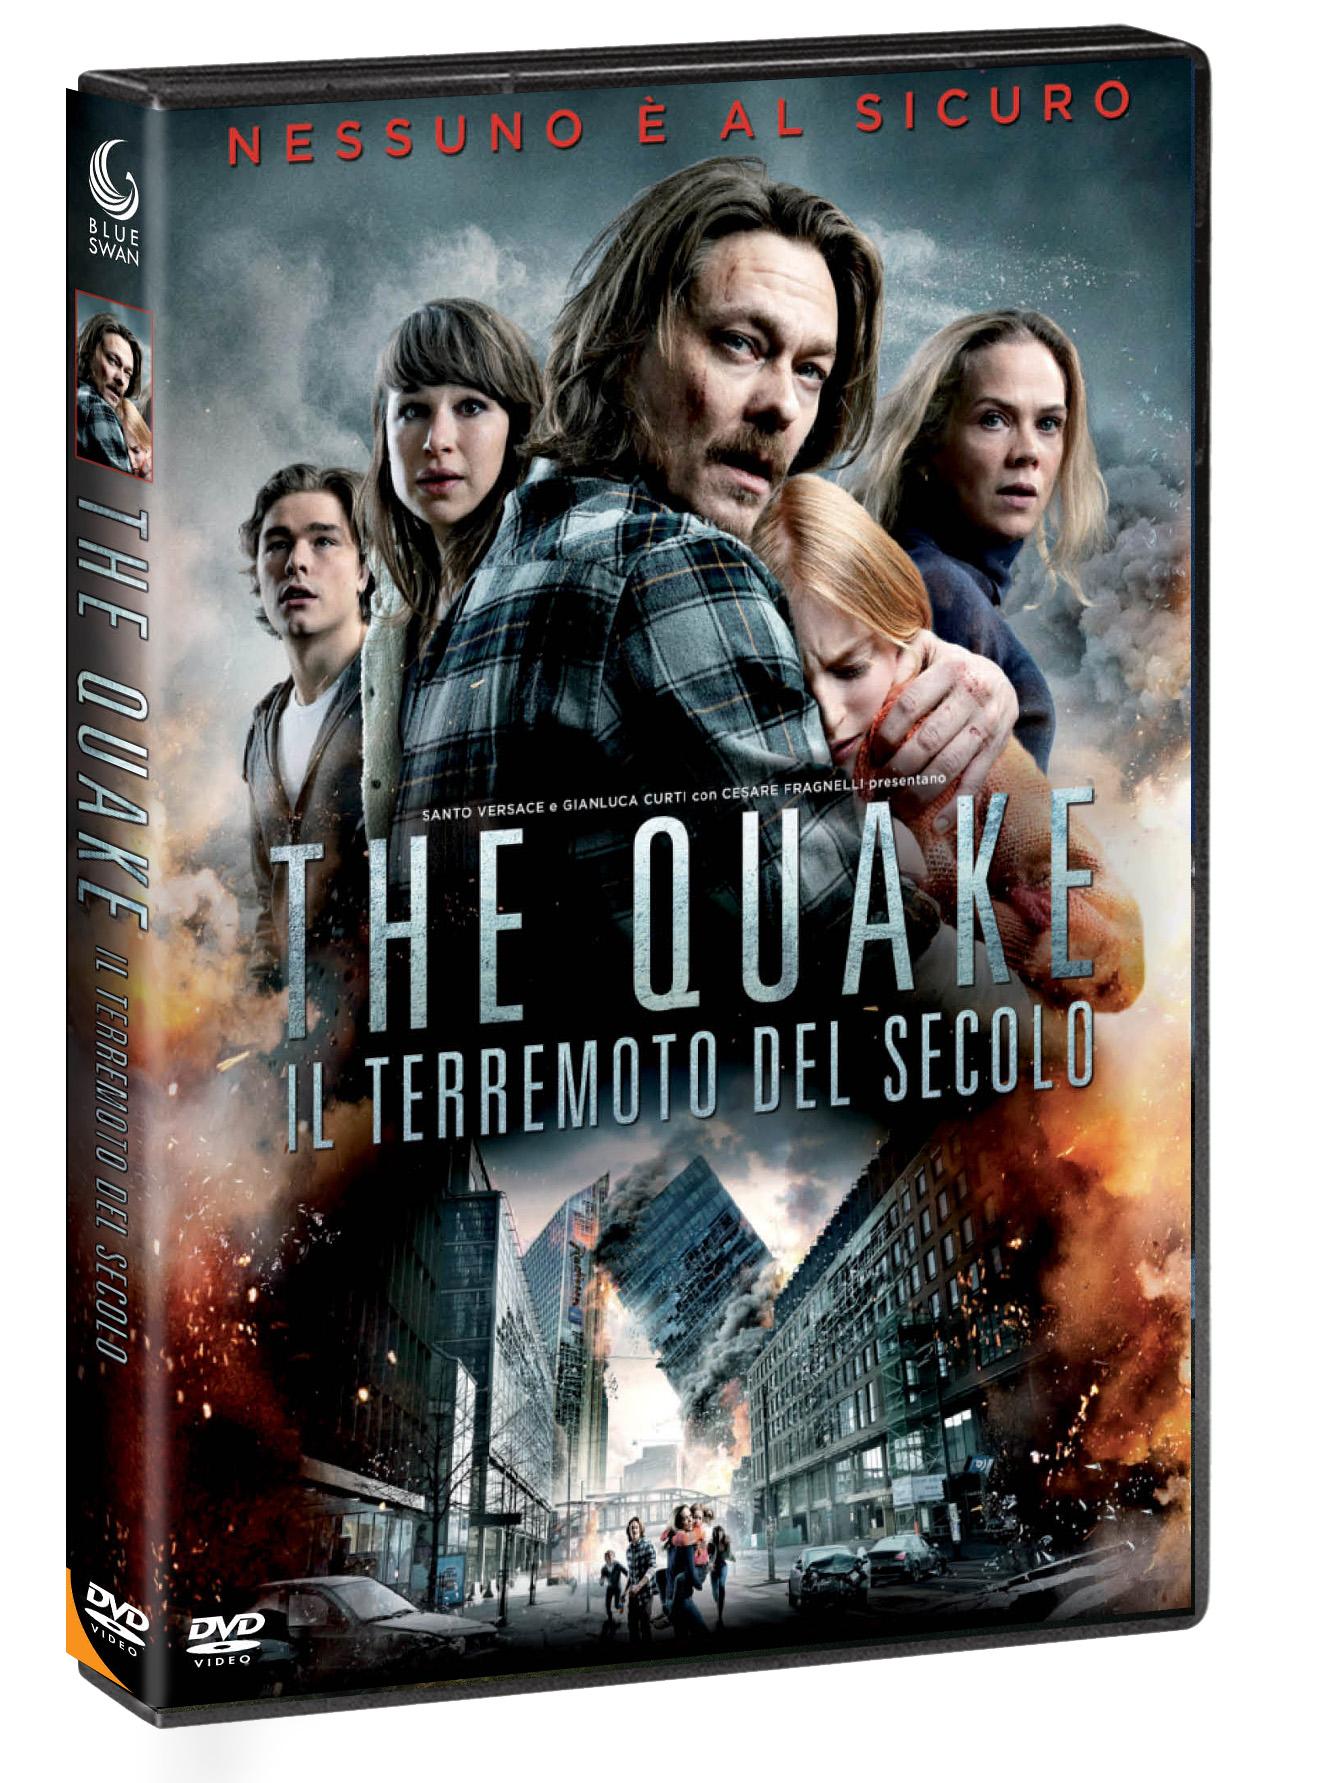 THE QUAKE - IL TERREMOTO DEL SECOLO (DVD)